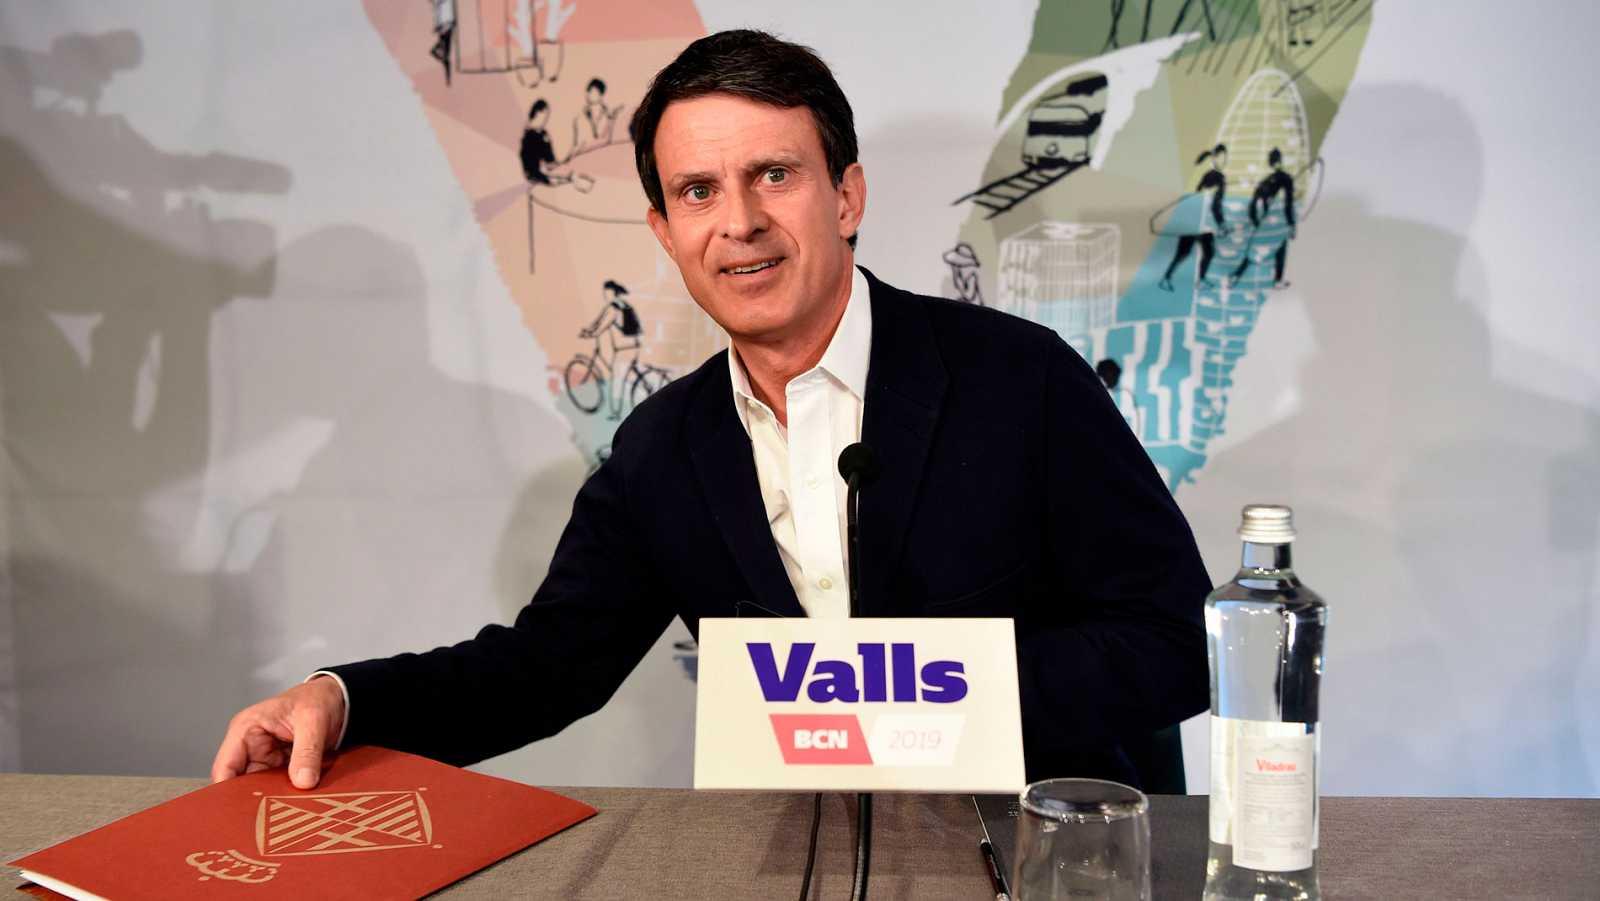 Valls ofrece sus concejales a Colau y Collboni para evitar que haya un alcalde independentista en Barcelona